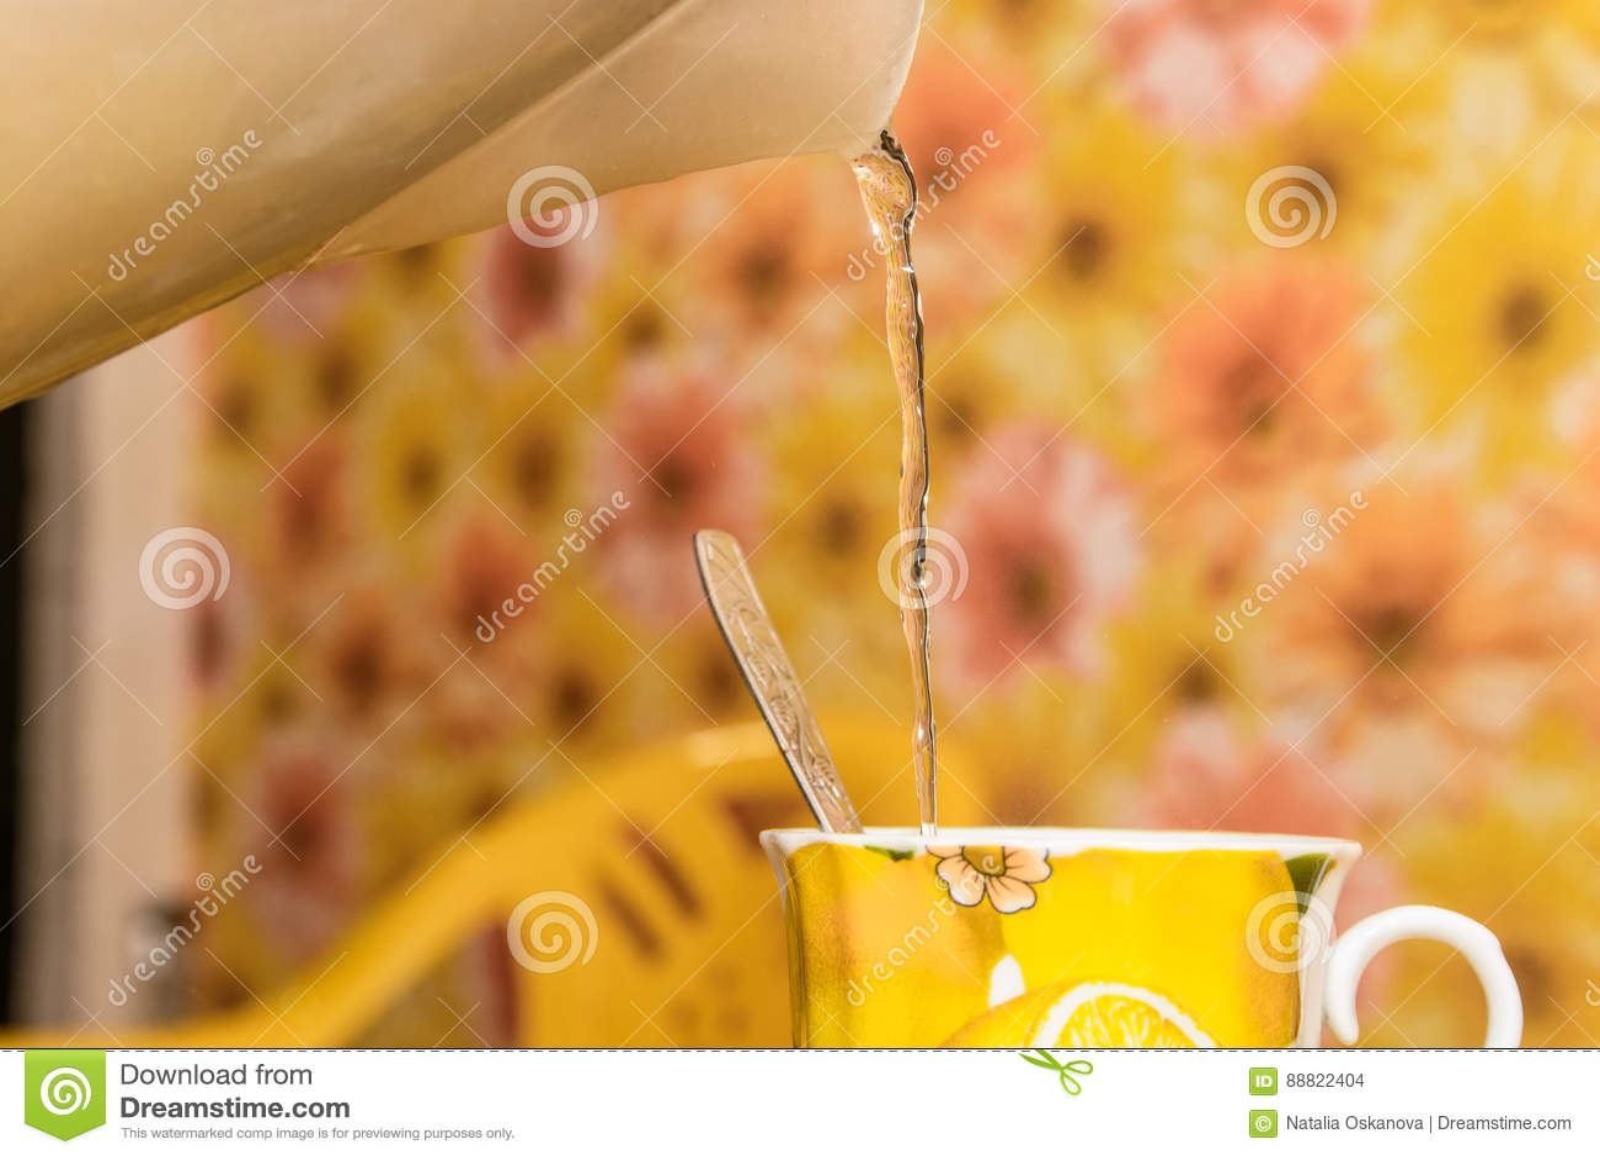 Sluit omhoog van het maken van een kop thee